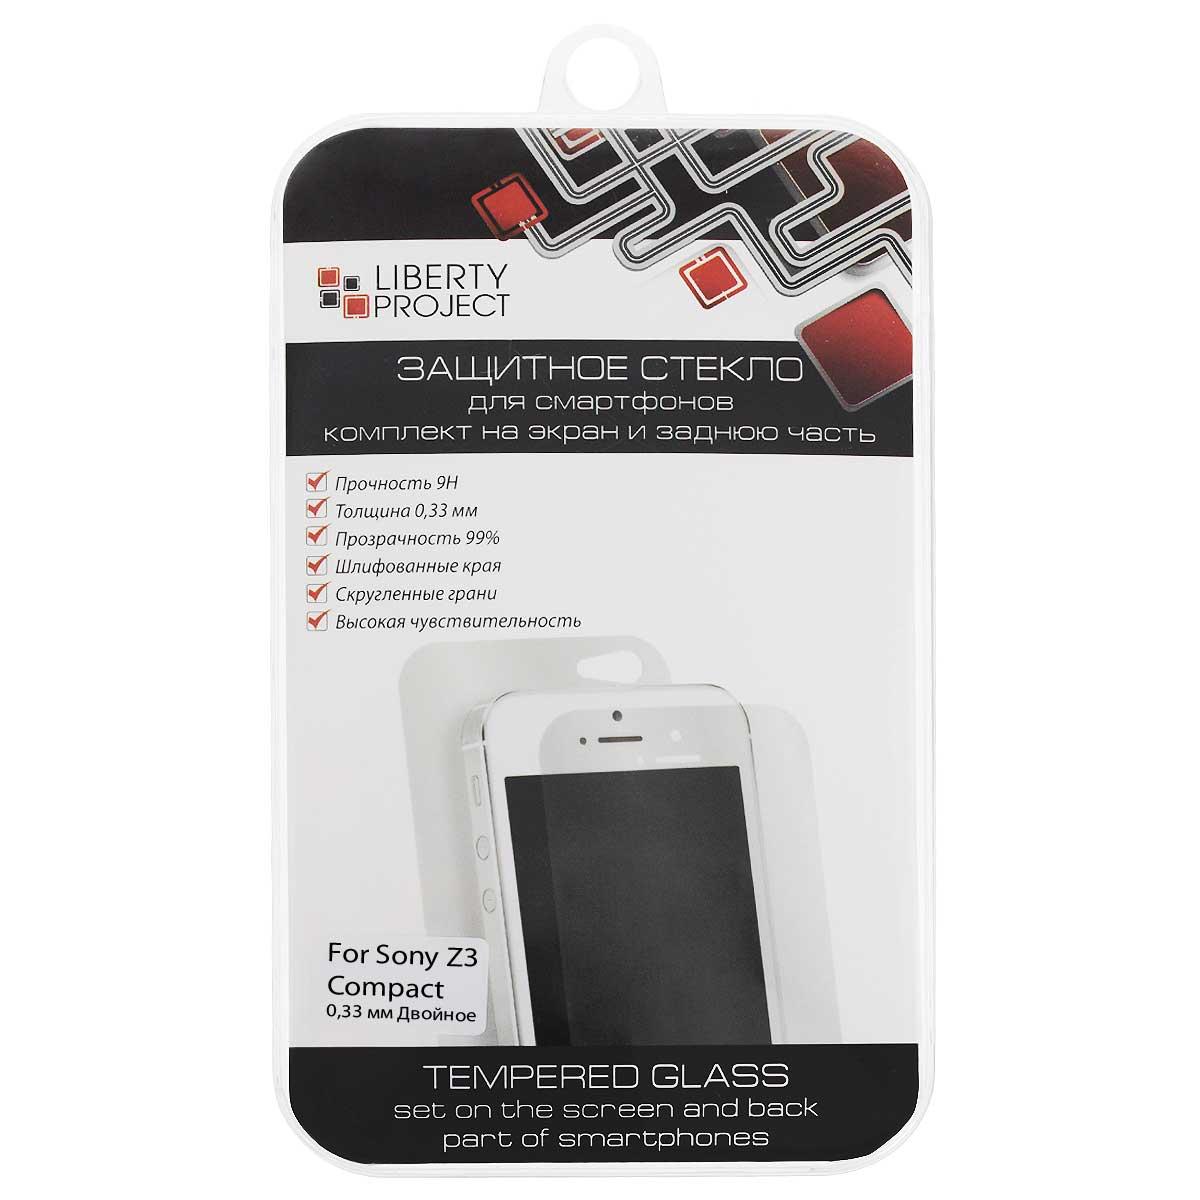 Liberty Project Tempered Glass защитное стекло для Sony Z3 Compact, двойное, Clear (0,33 мм)0L-00000352Защитное стекло Liberty Project Tempered Glass предназначено для защиты поверхности экрана, от царапин, потертостей, отпечатков пальцев и прочих следов механического воздействия. Гарантирует высокую чувствительность при работе с устройством. Данная модель также обладает антибликовым и водоотталкивающим эффектом.